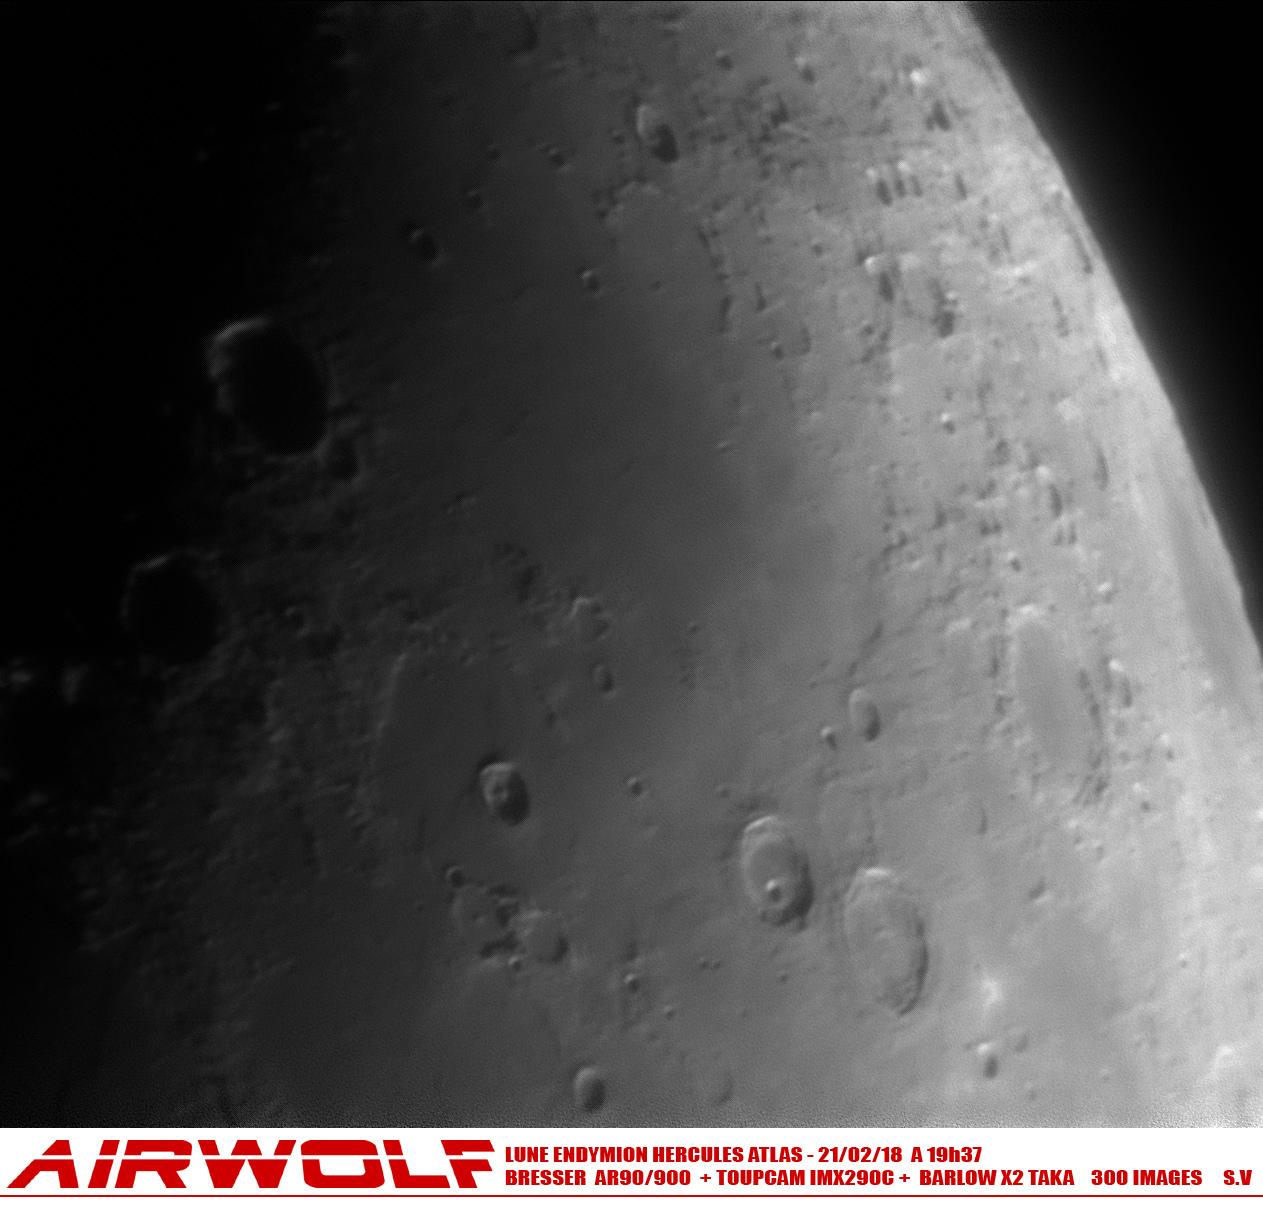 19_37_29_lapl4_ap173- ENDYMION HERCULES ATLAS.jpg